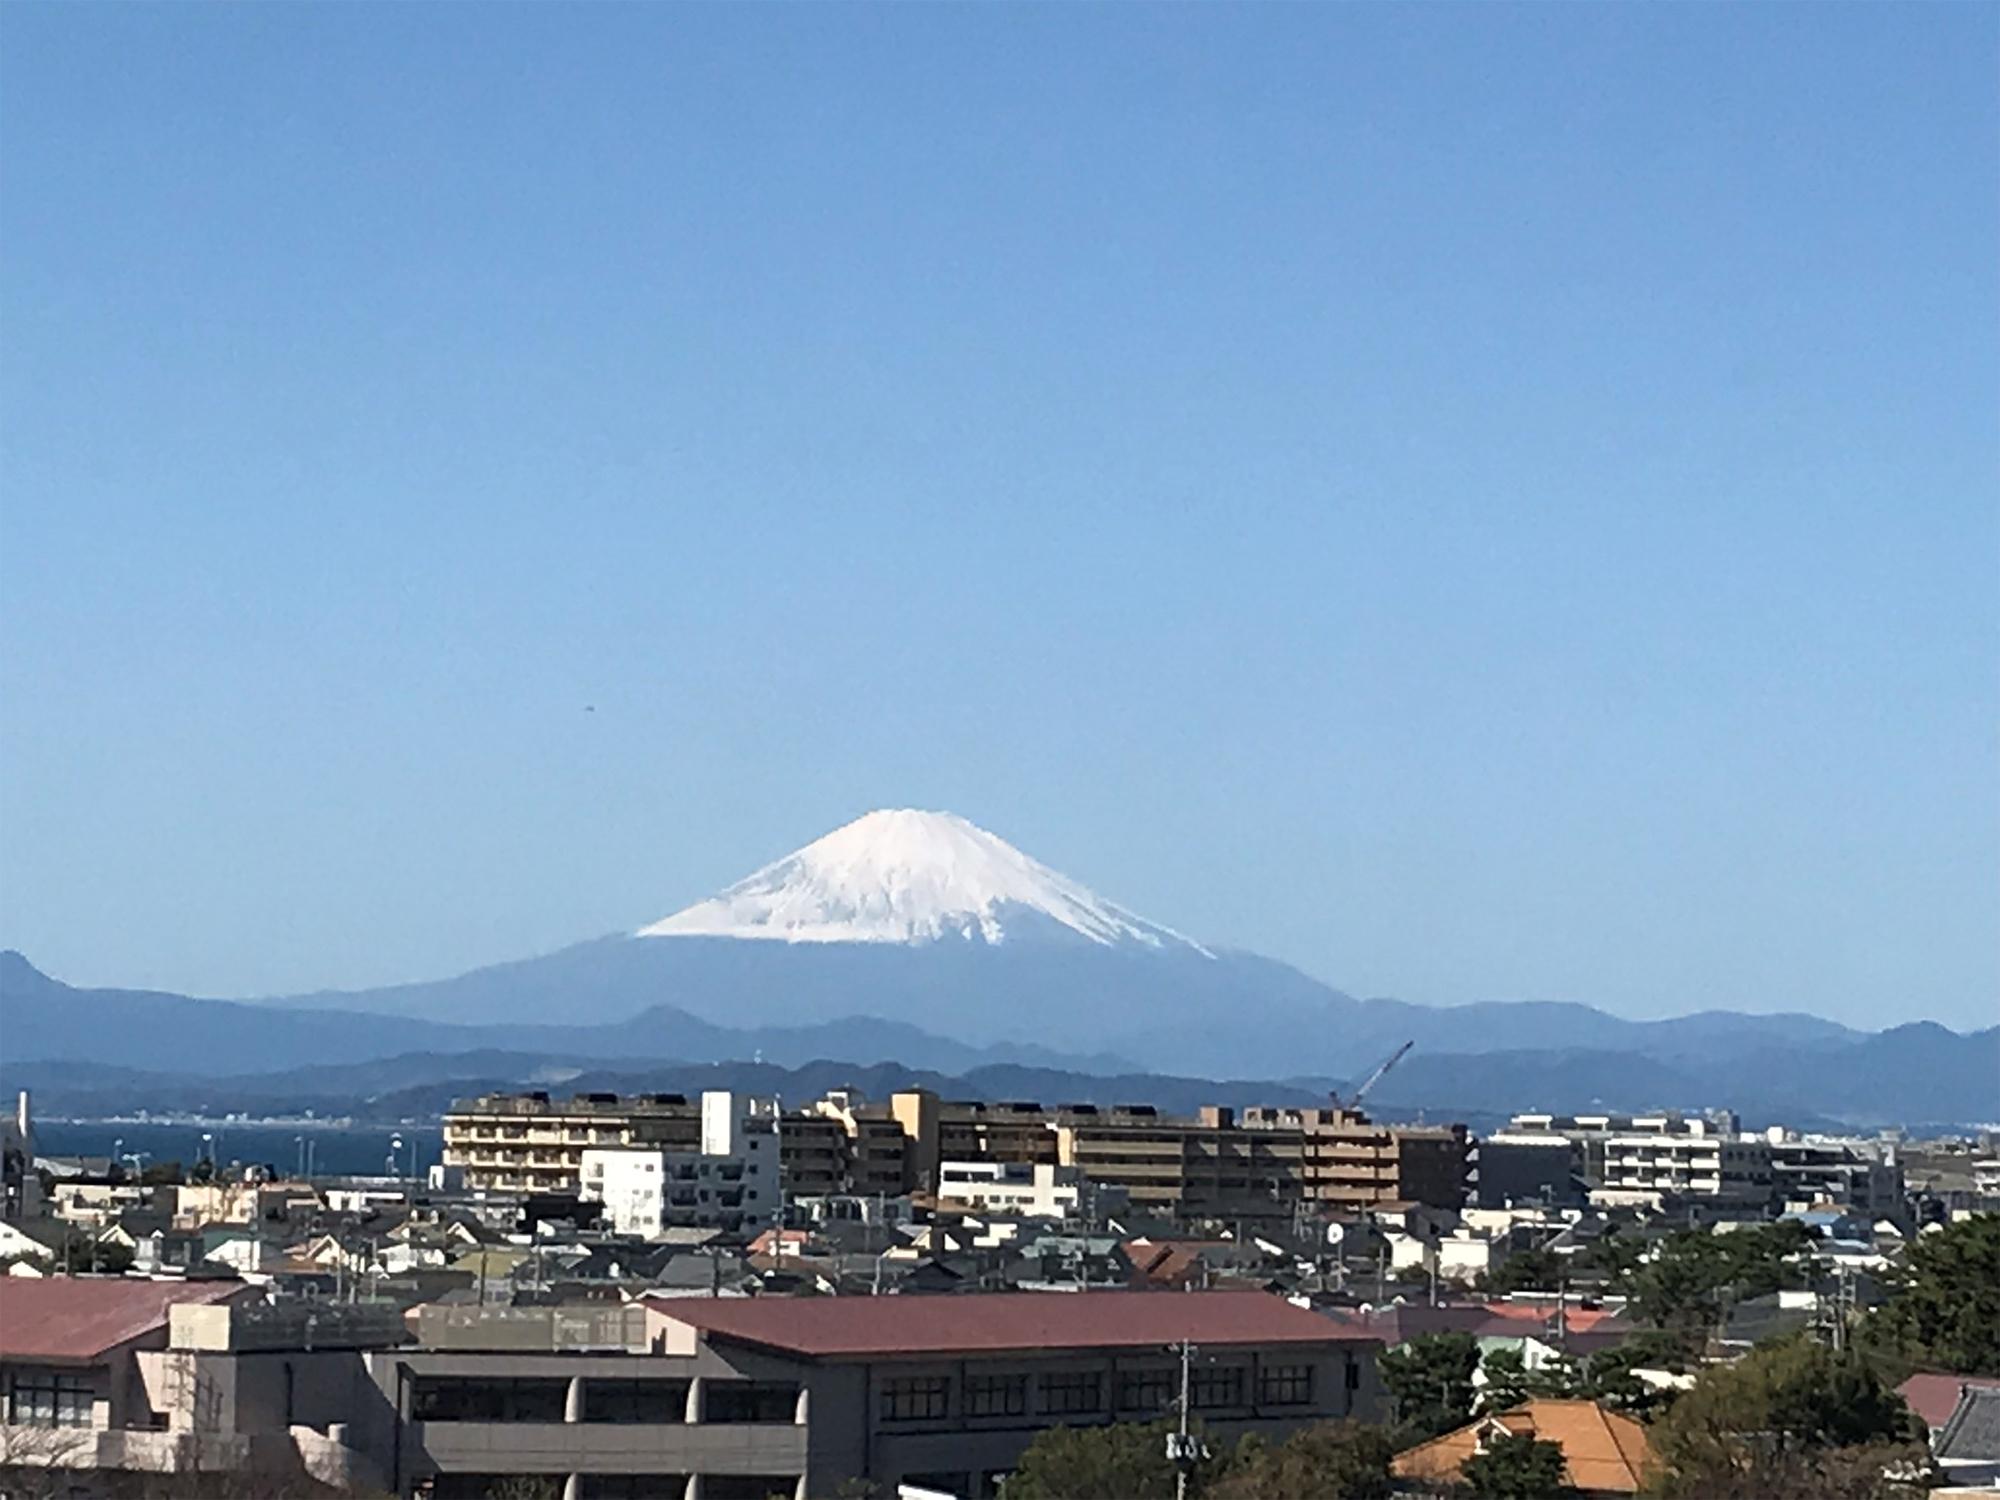 湘南江の島駅は、日本一高い駅だった!?〜日本一、地上高が高い駅はどこか?